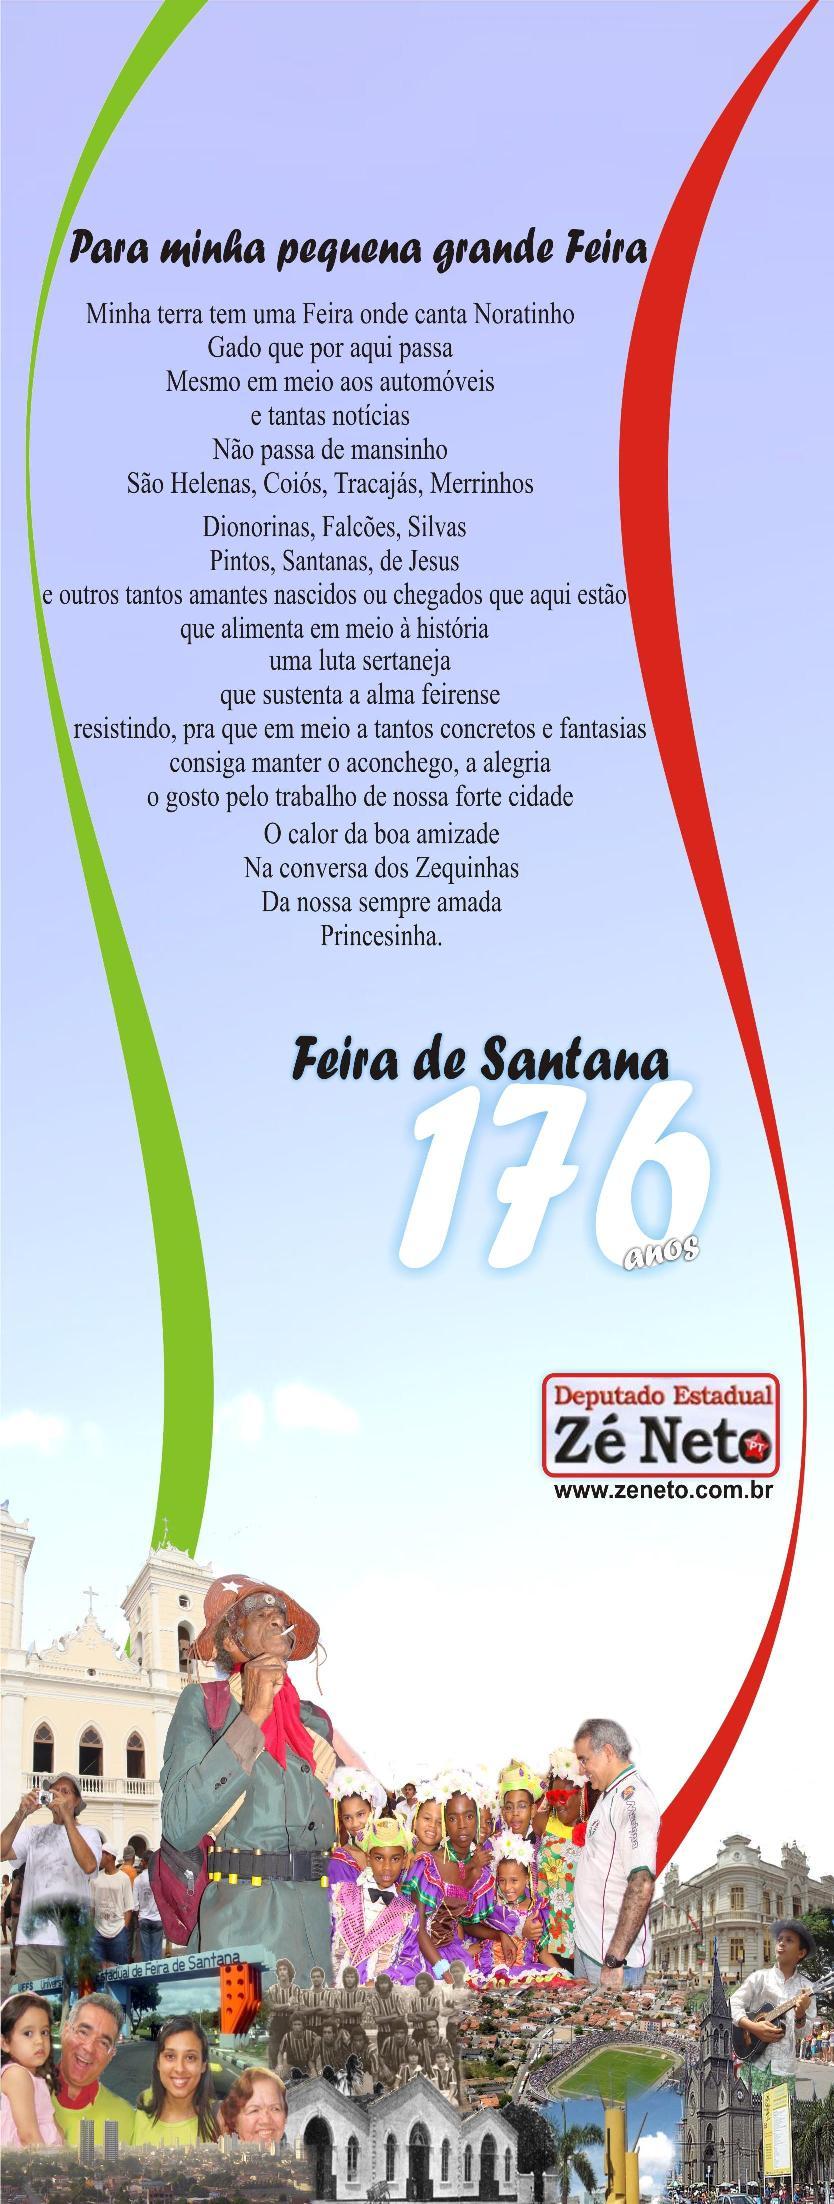 Feira de Santana - 176 anos